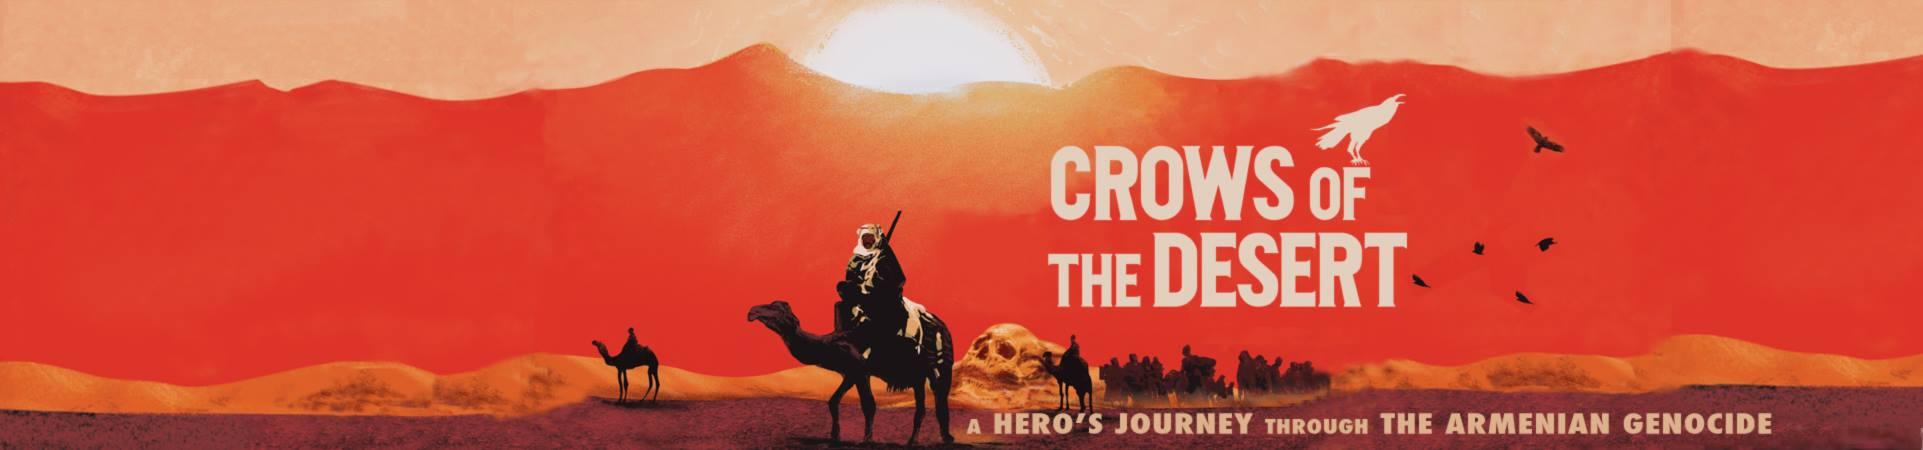 Crows of the Desert.jpg